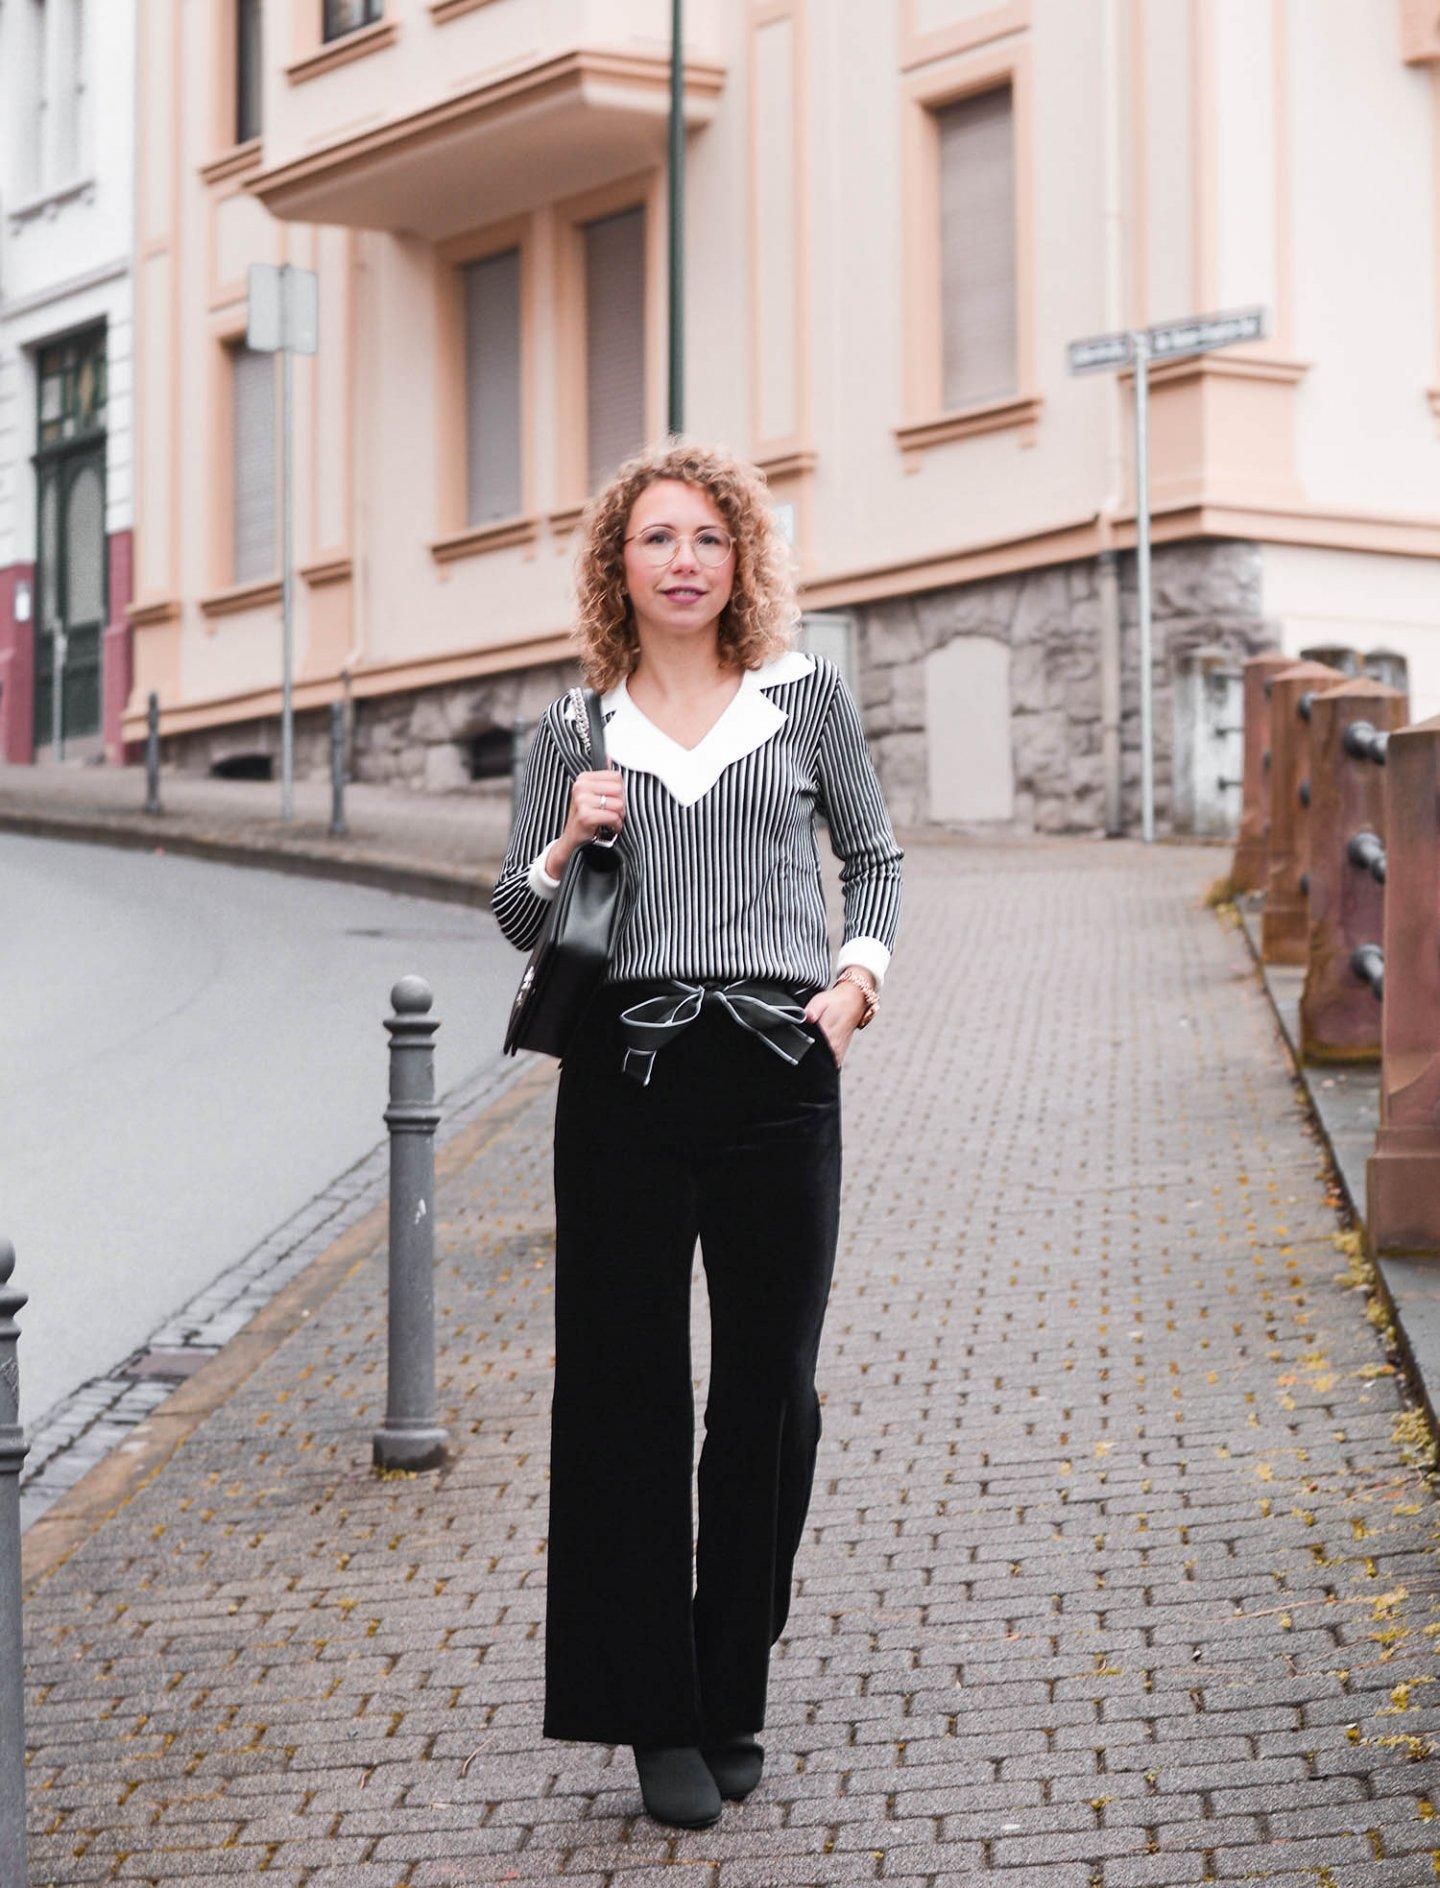 Klassisches Outfit mit Samthose in Schwarz-Weiß